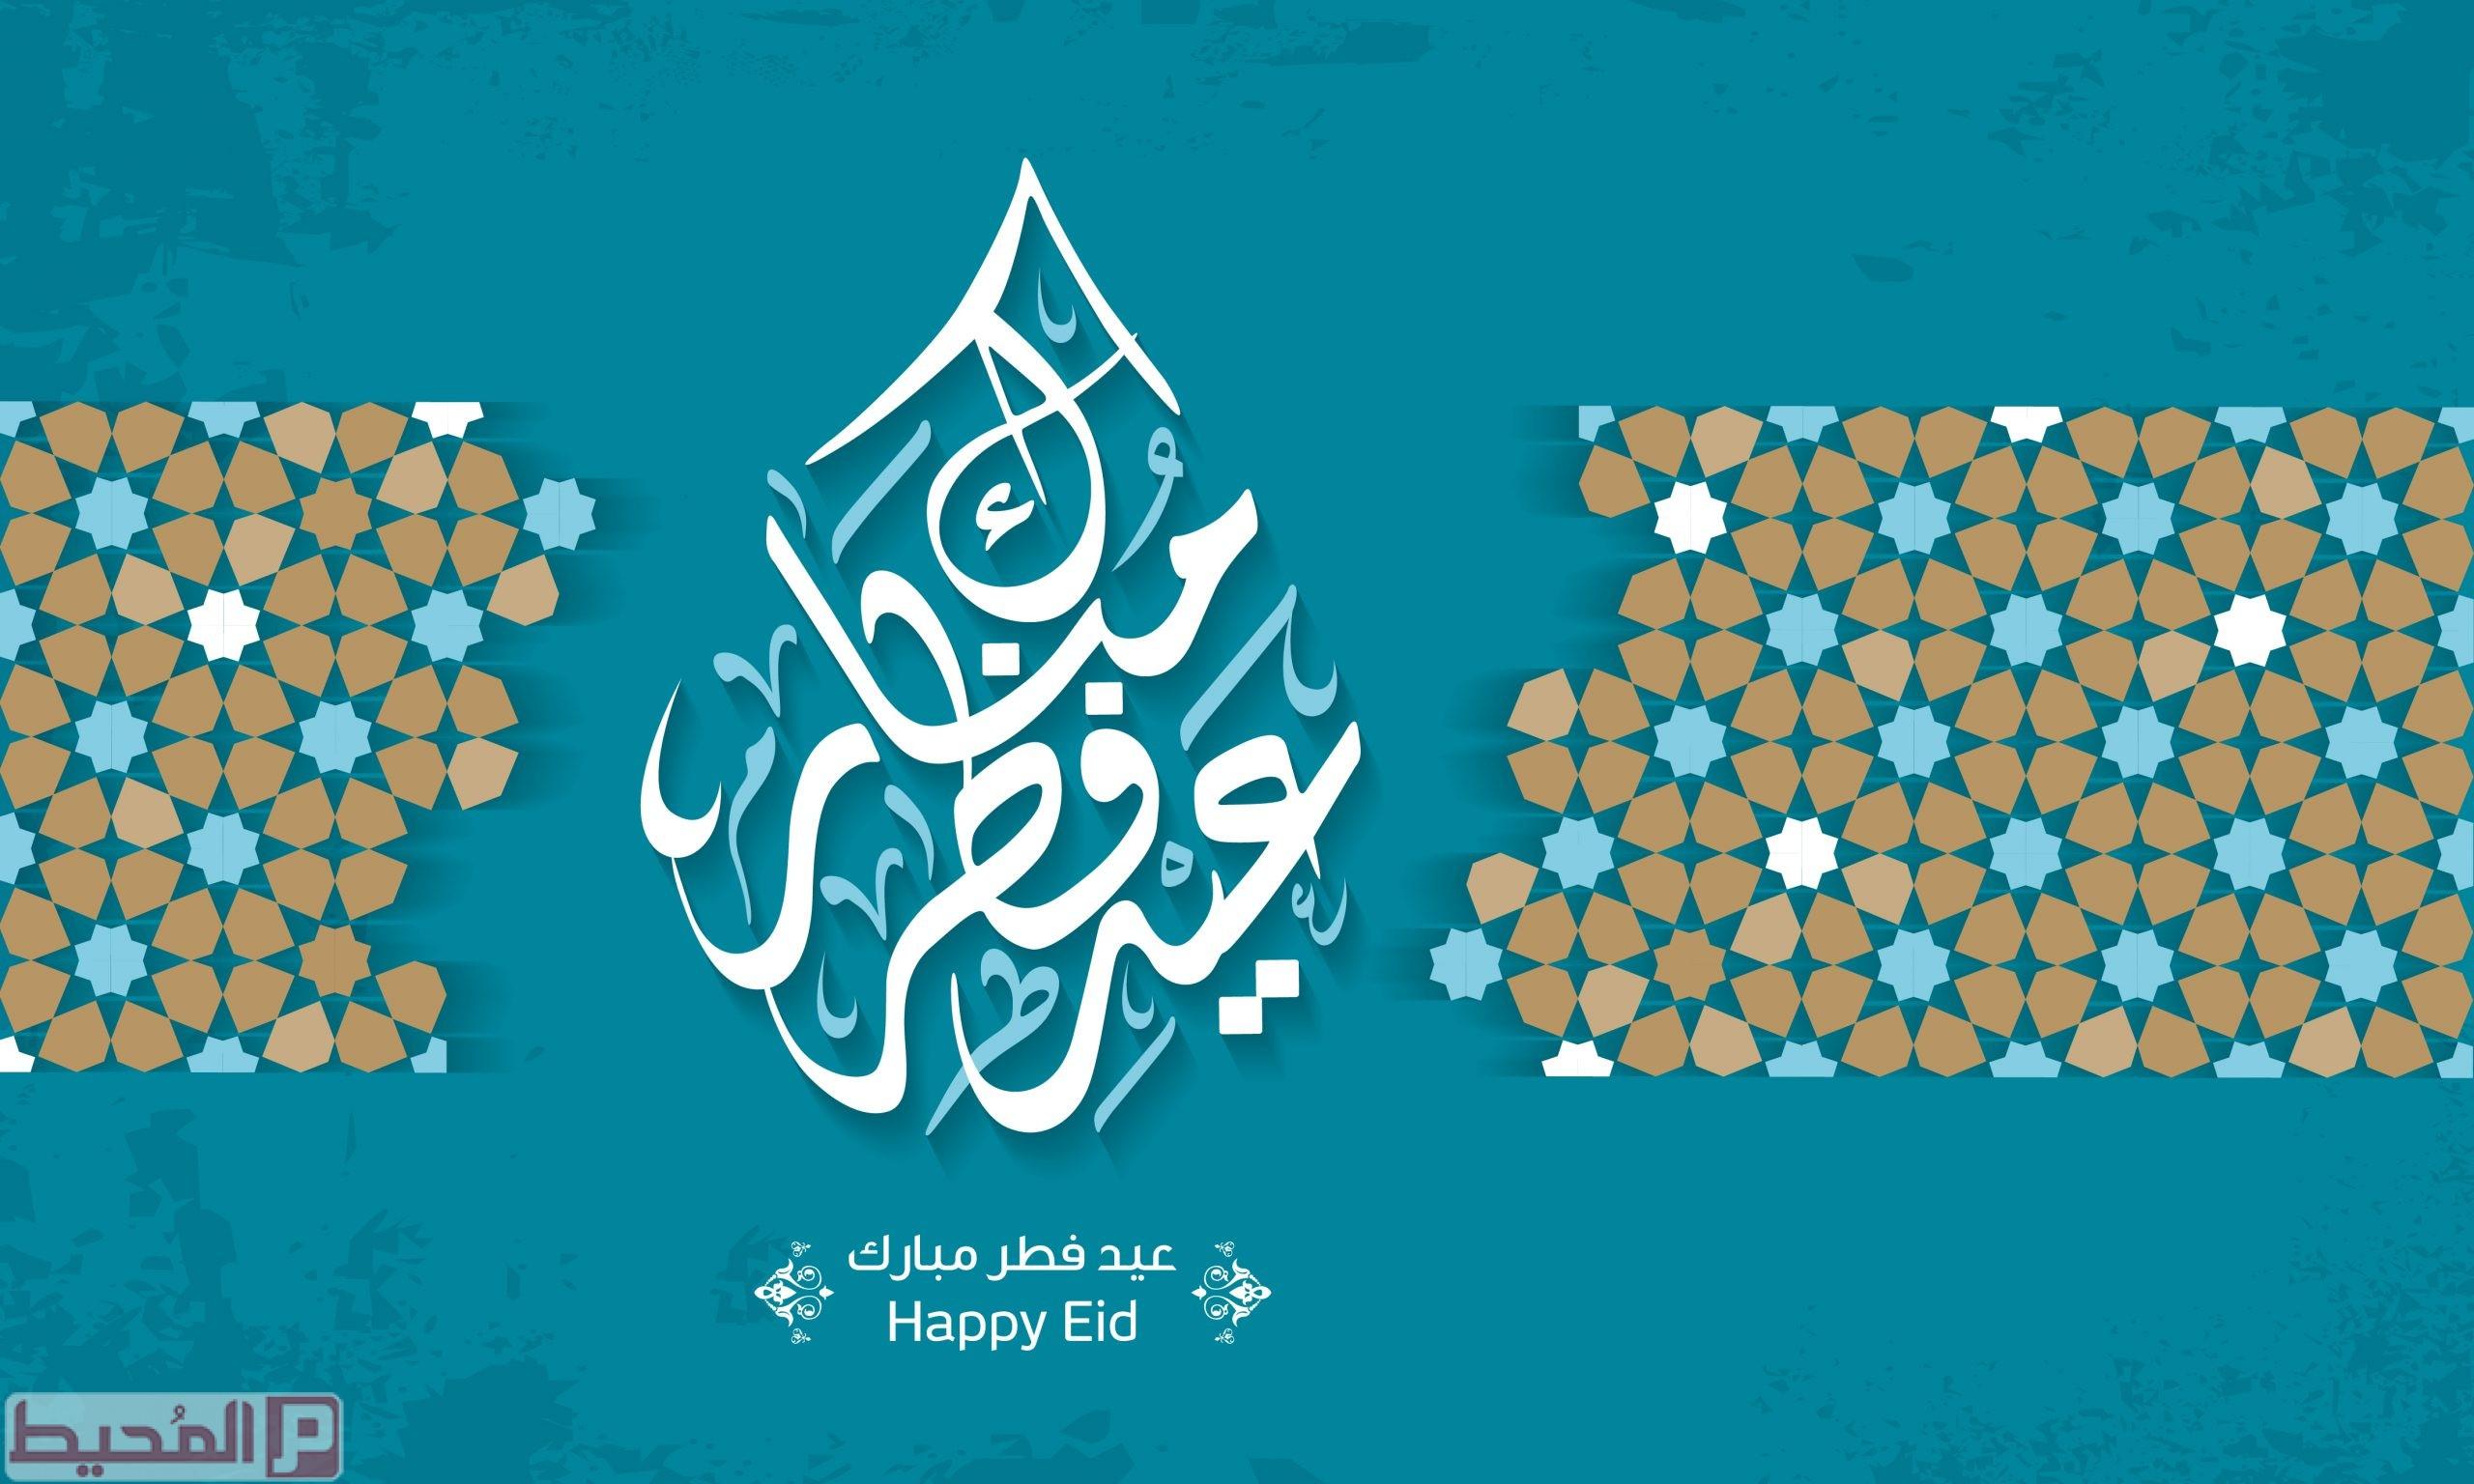 عبارات تحيات العيد الاصدقاء